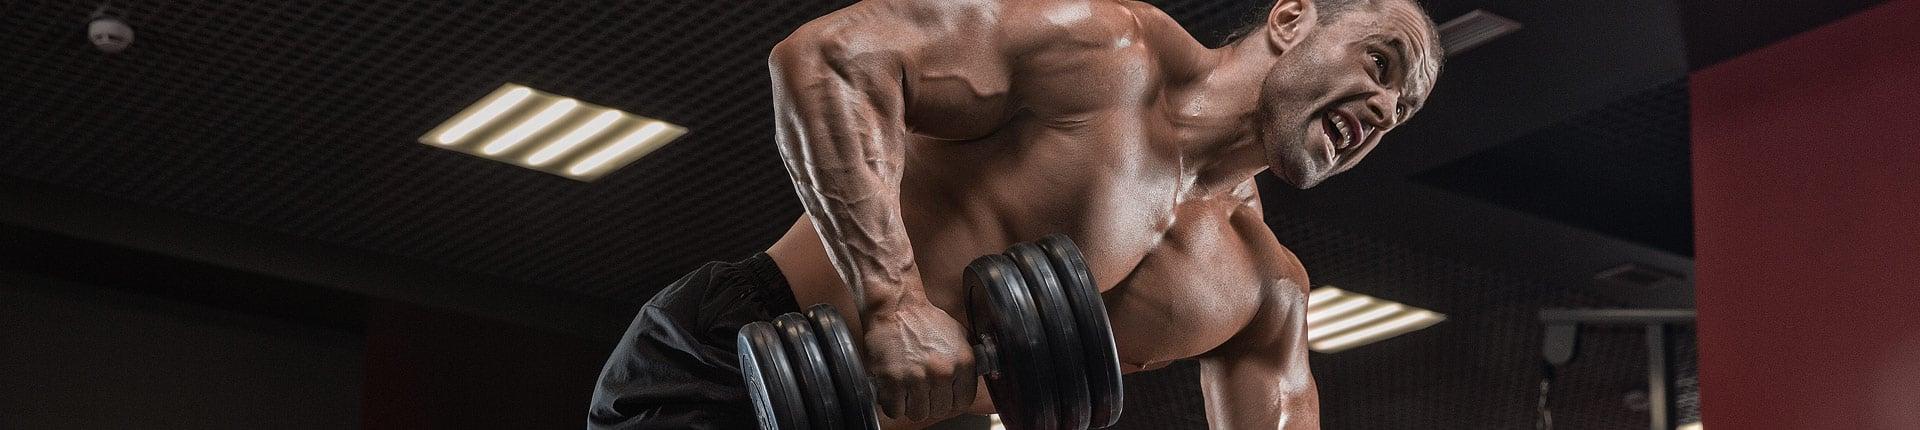 Cel: Zwiększyć siłę - zestaw suplementów na siłę